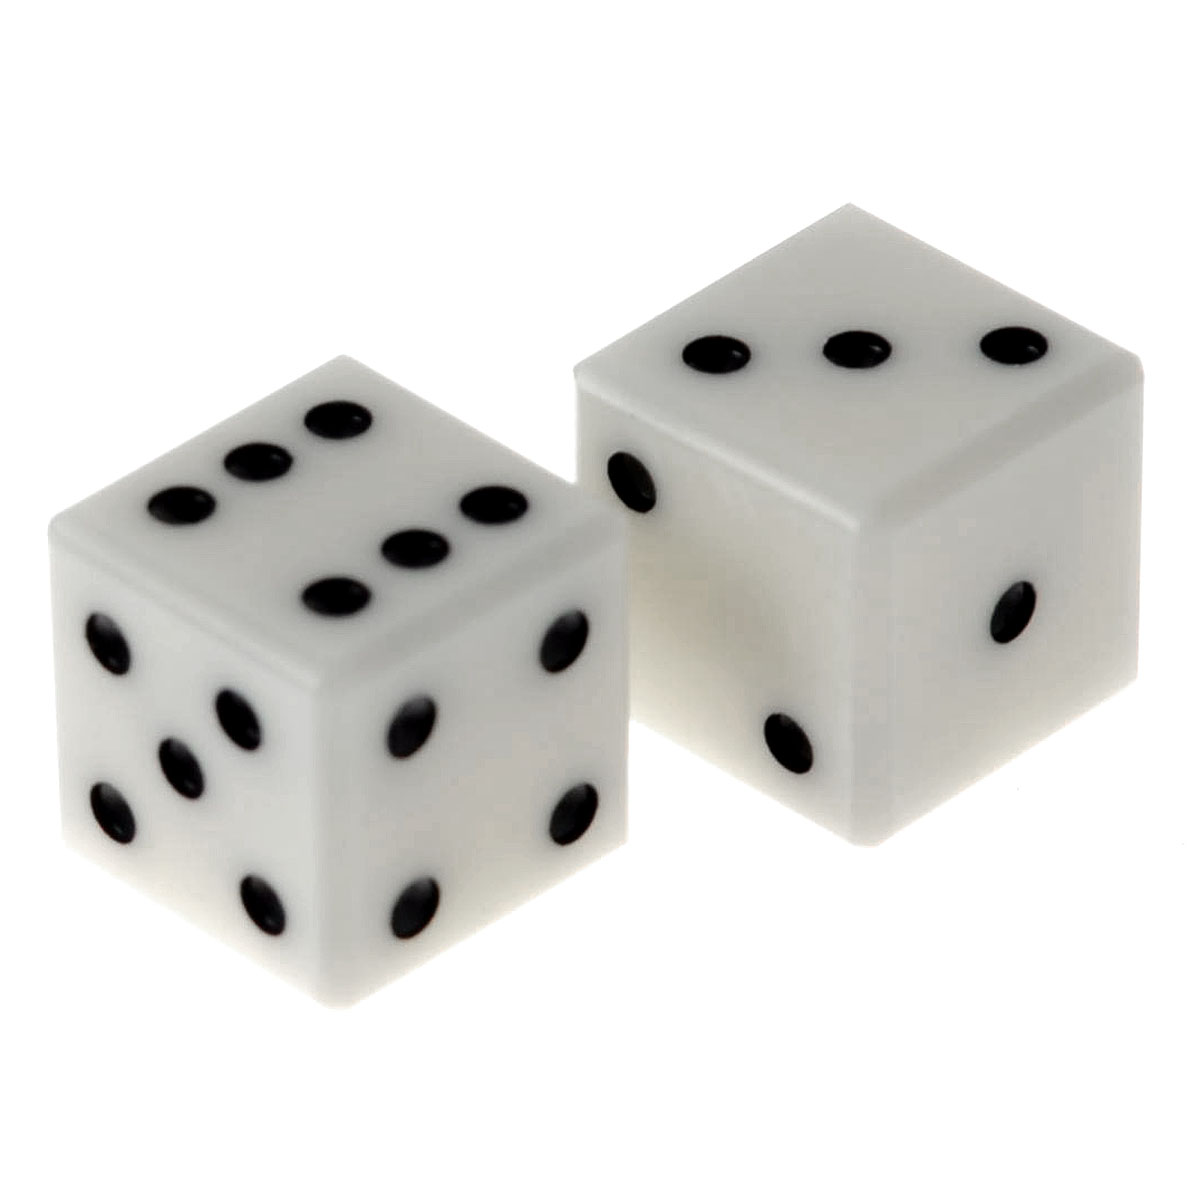 картинки кубиков для игры в кости приятно прогуляться